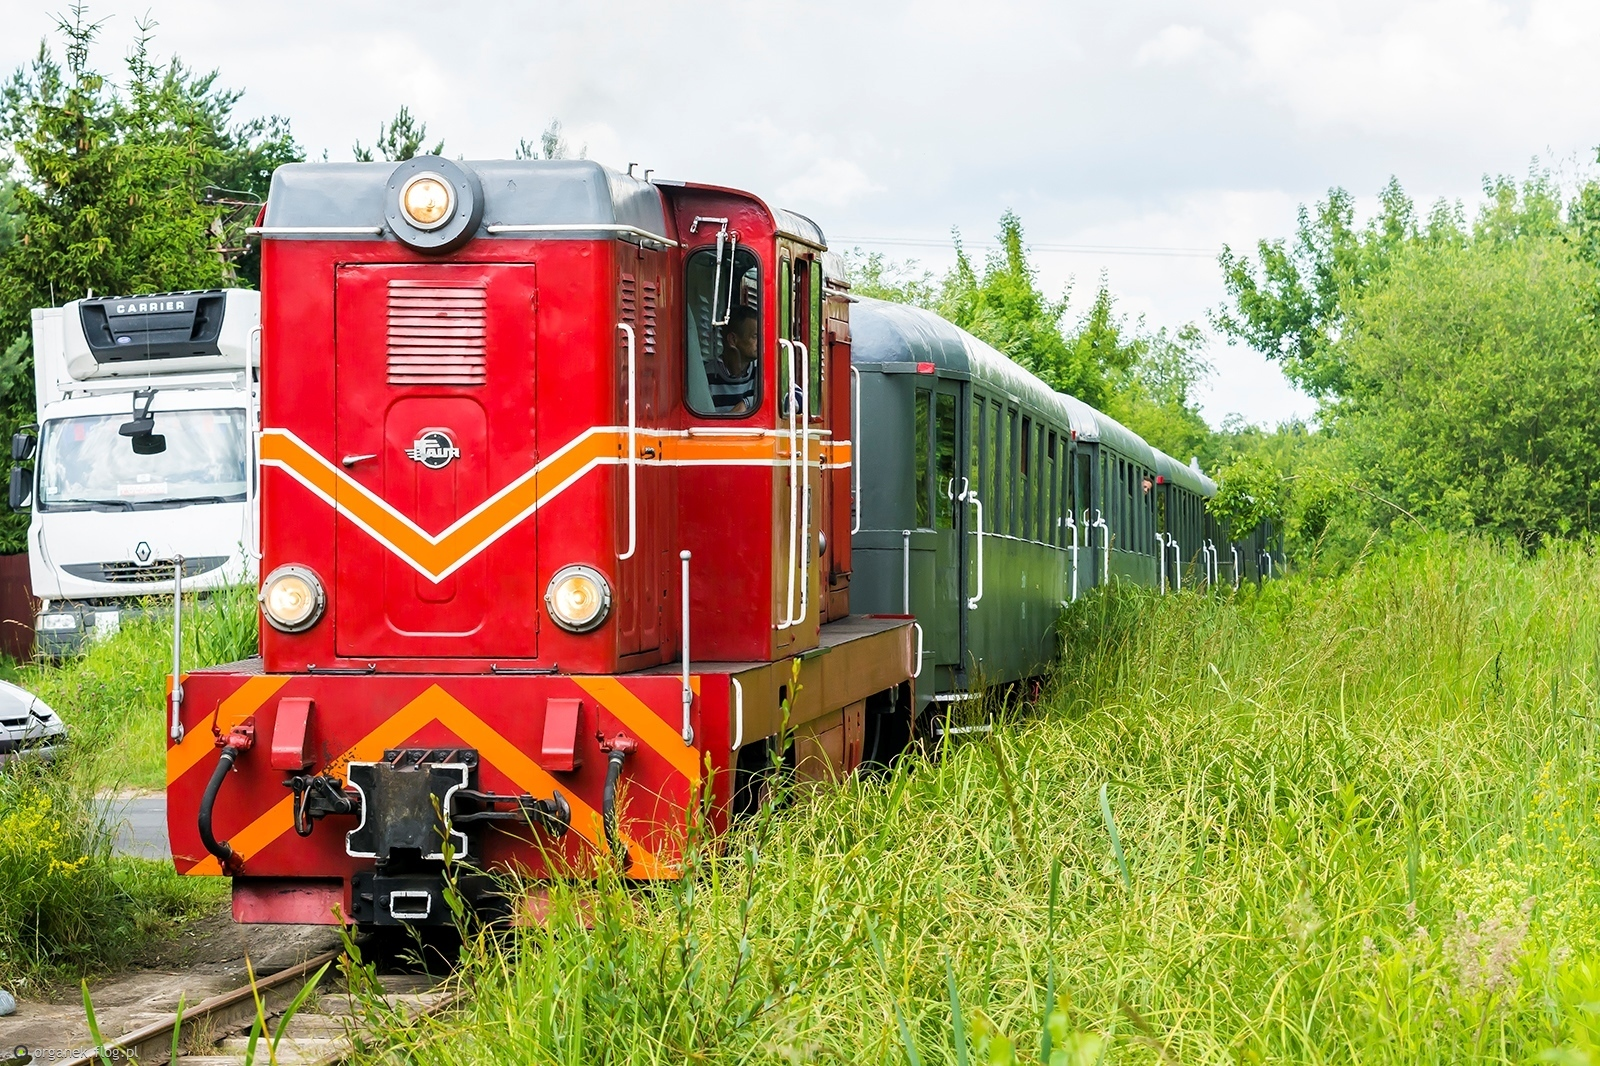 Lxd2-342